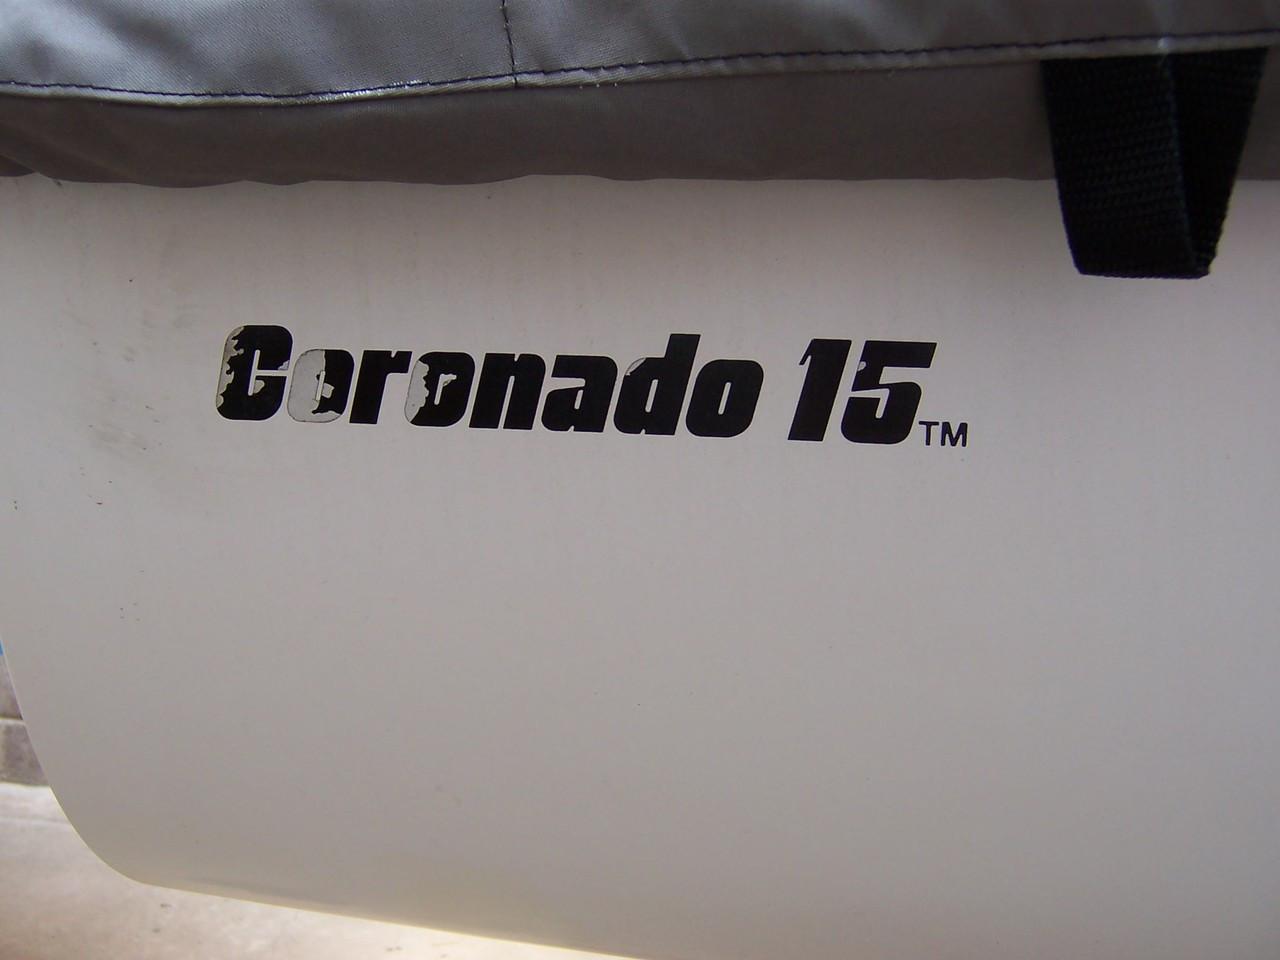 Coronado 15 sailboat Top Cover by SLO Sail and Canvas